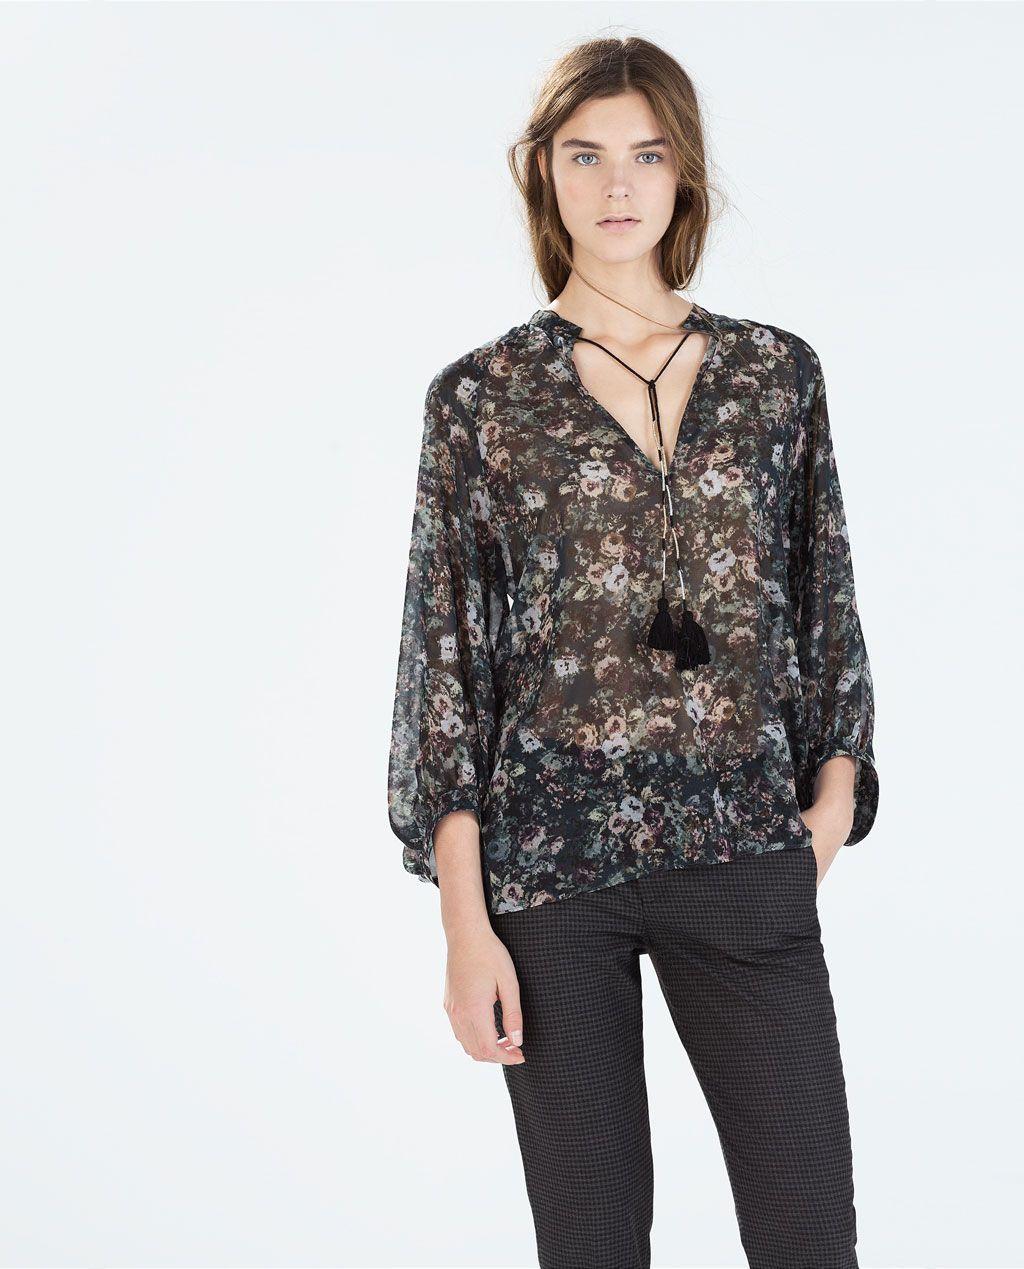 ZARA Donna | Camicia stampata spacchetti laterale nappe